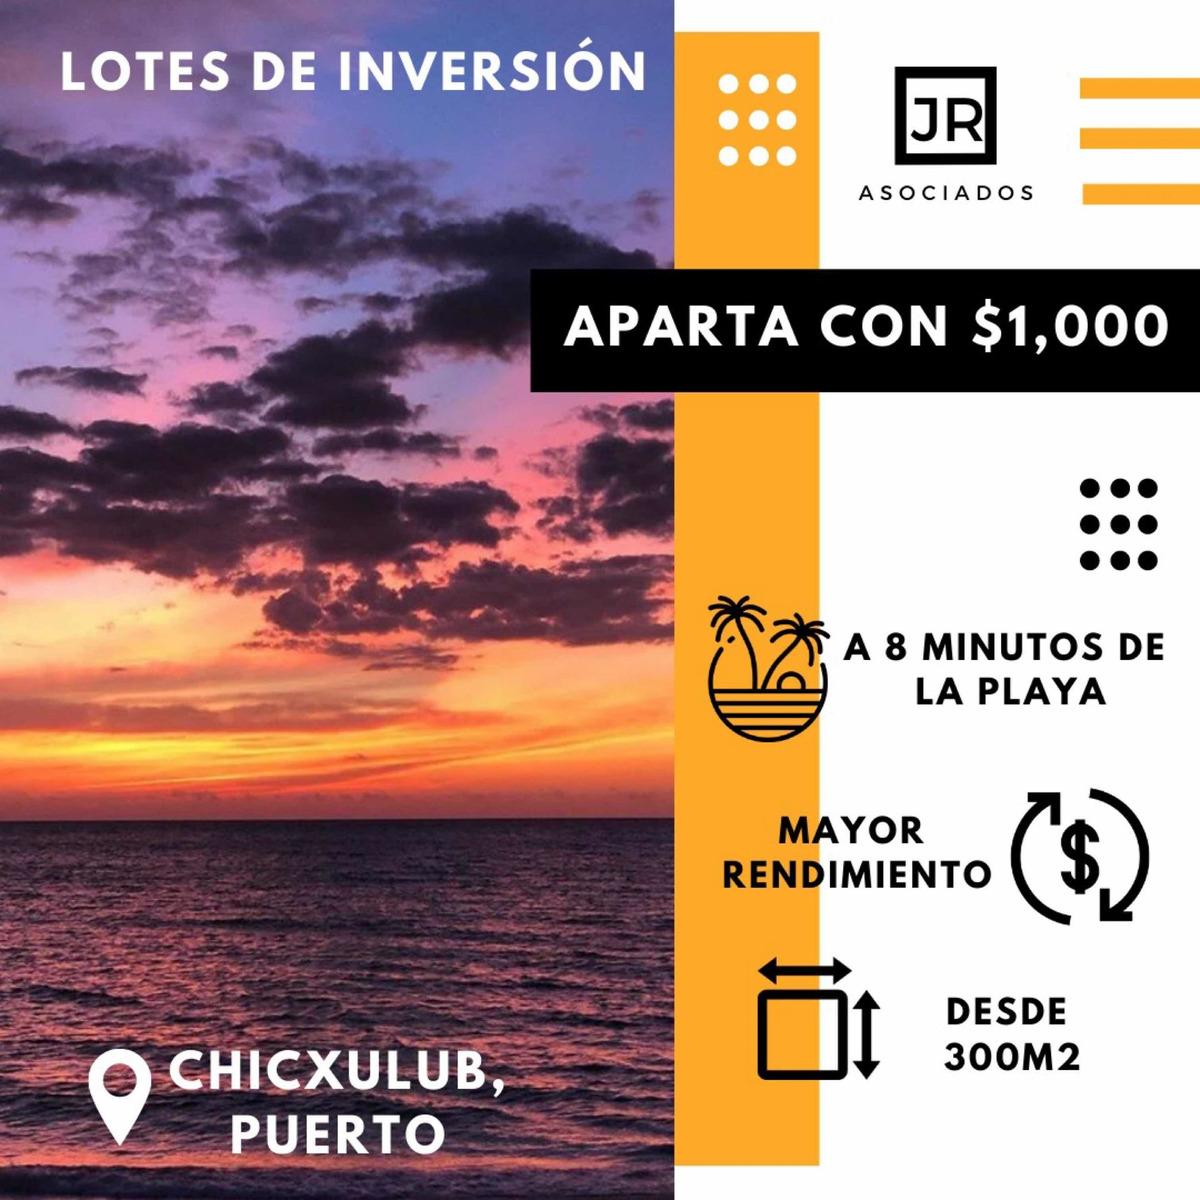 terrenos de inversión en costas yucatecas